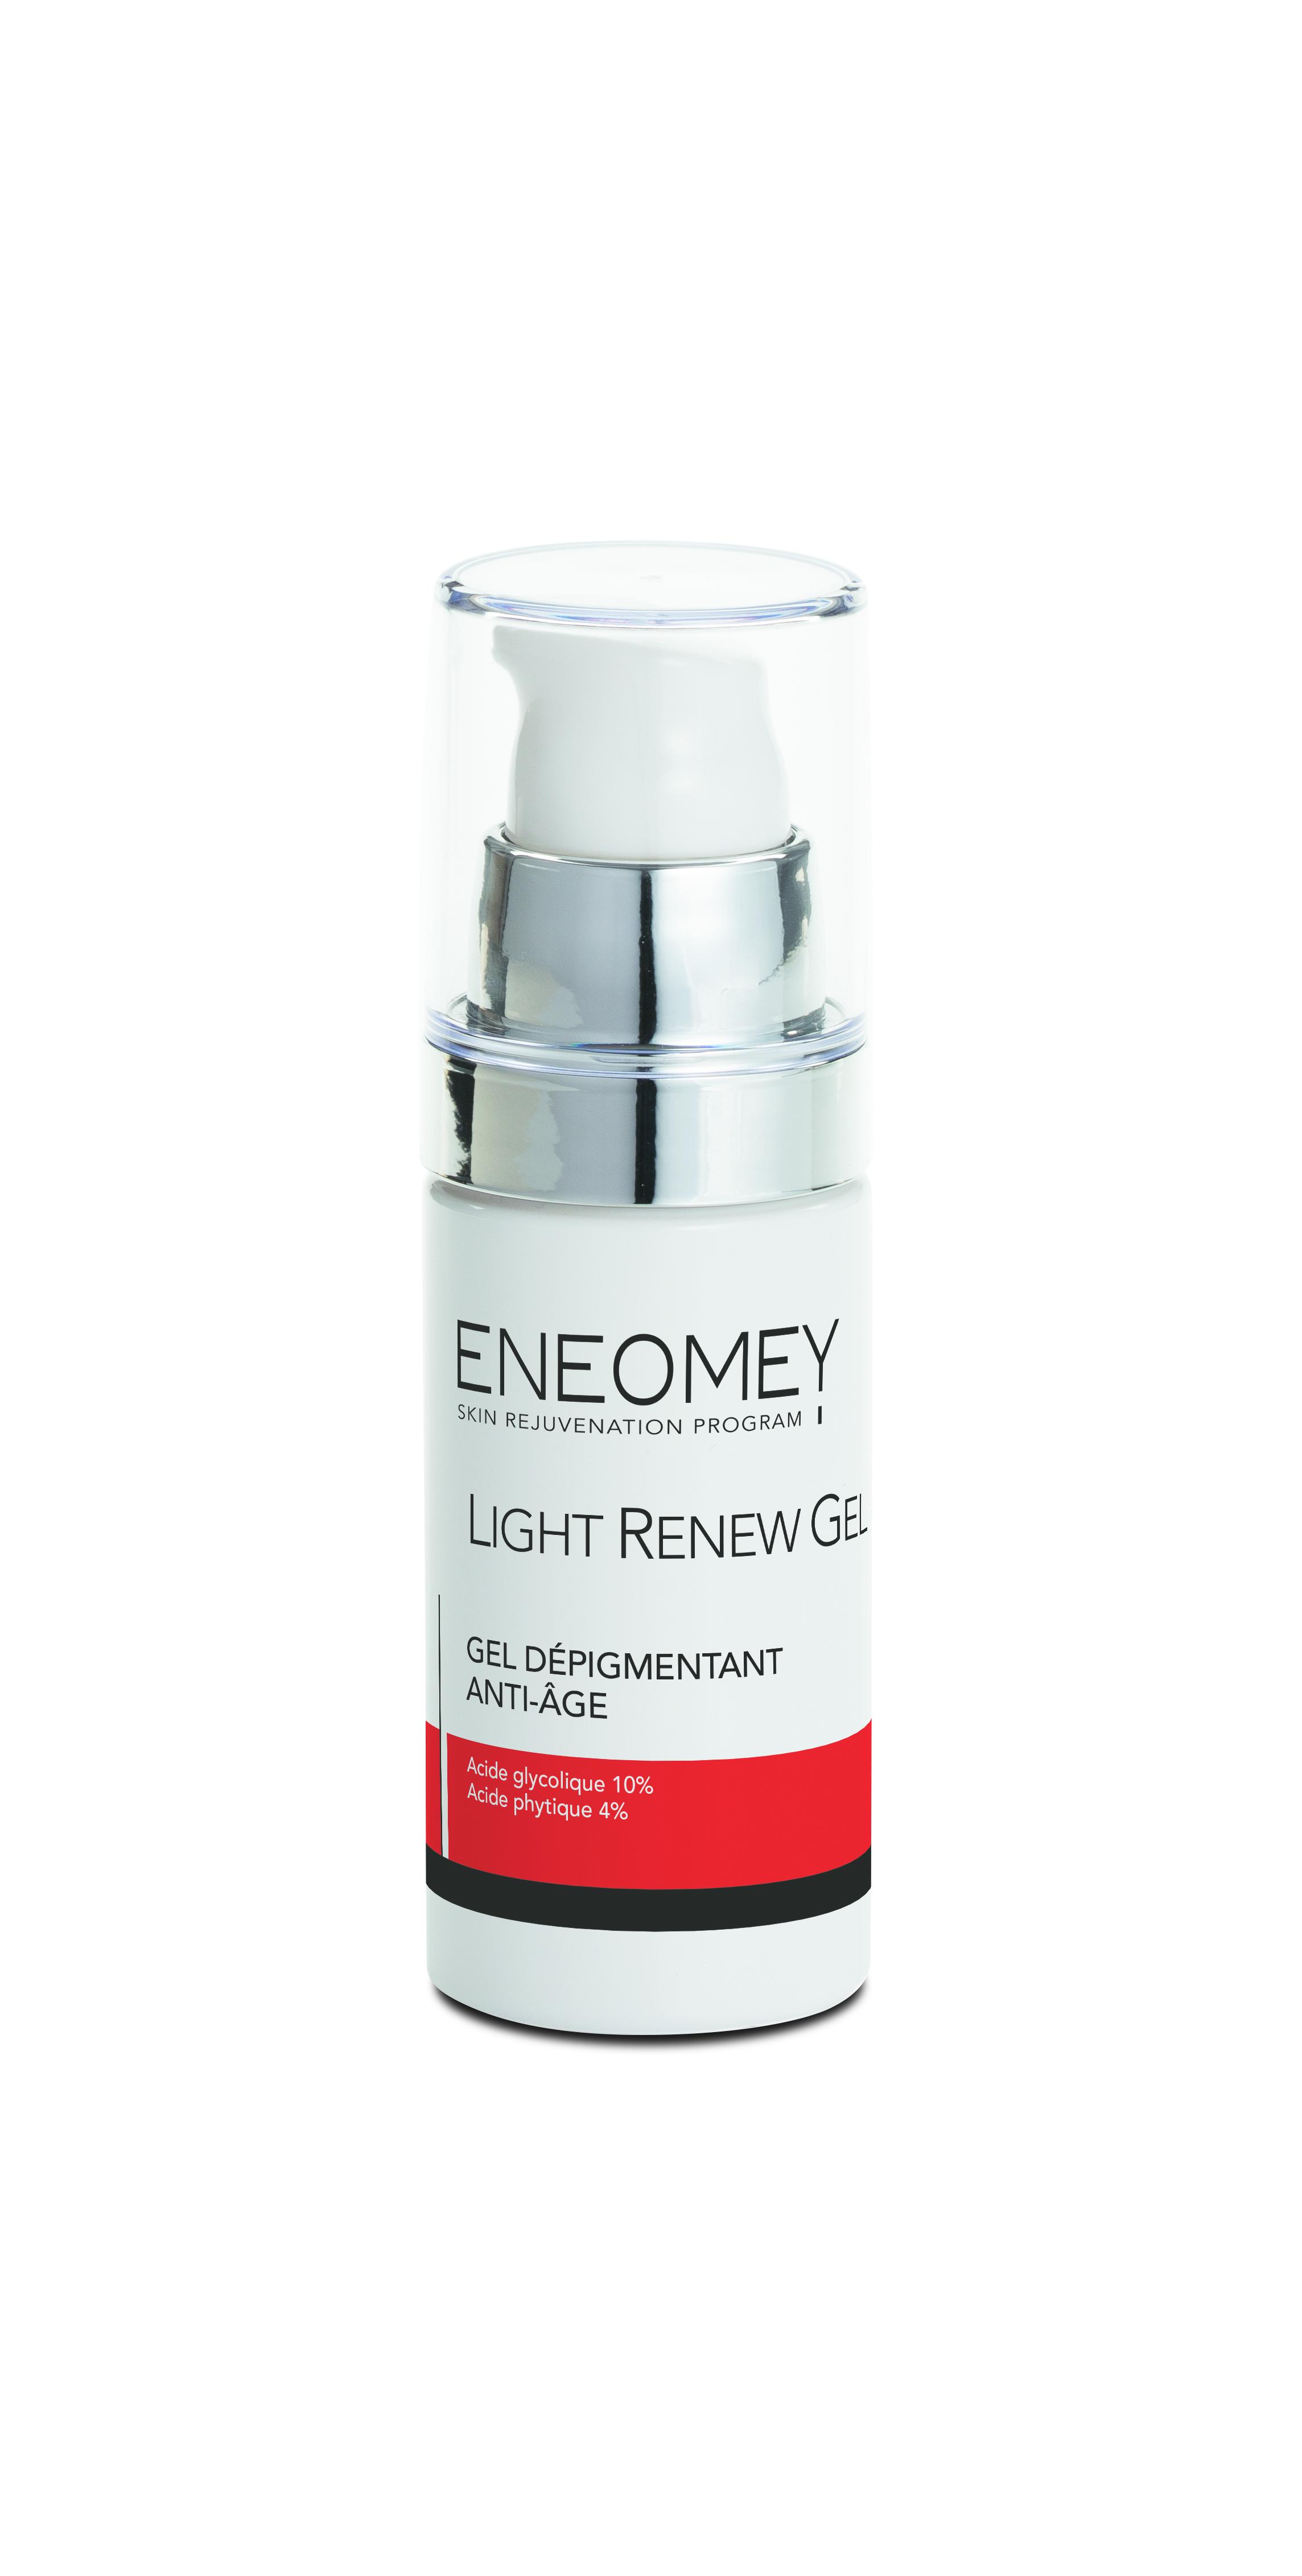 Light Renew Gel 30ml